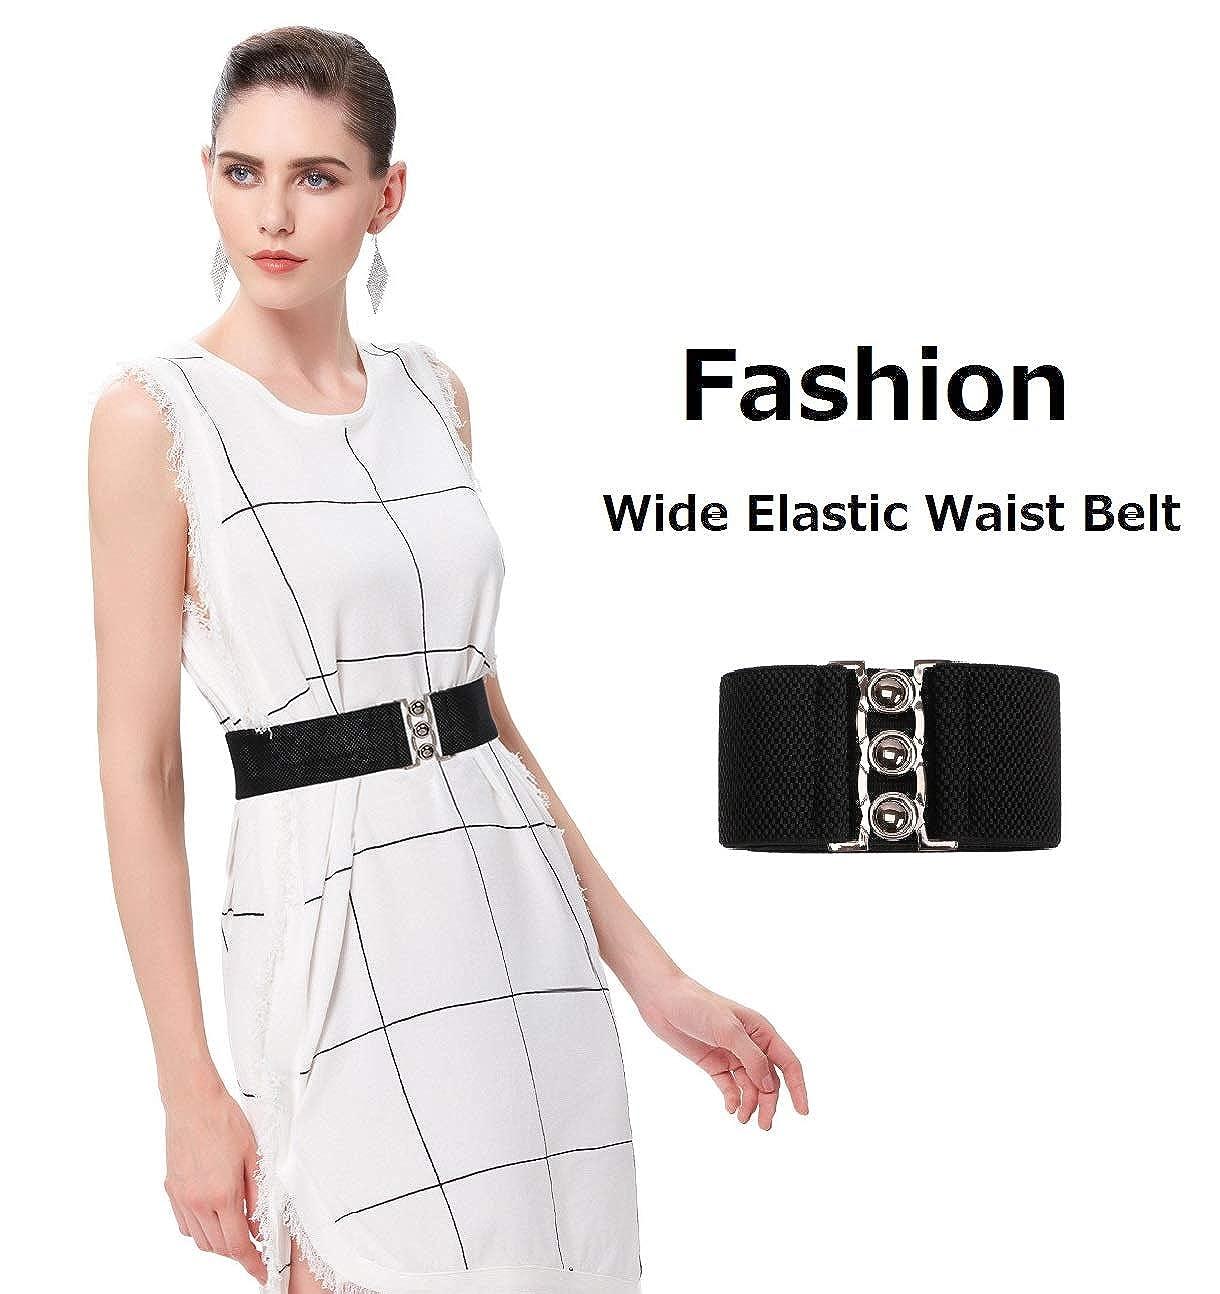 079bd63957a Wide Elastic Waist Belt for Women